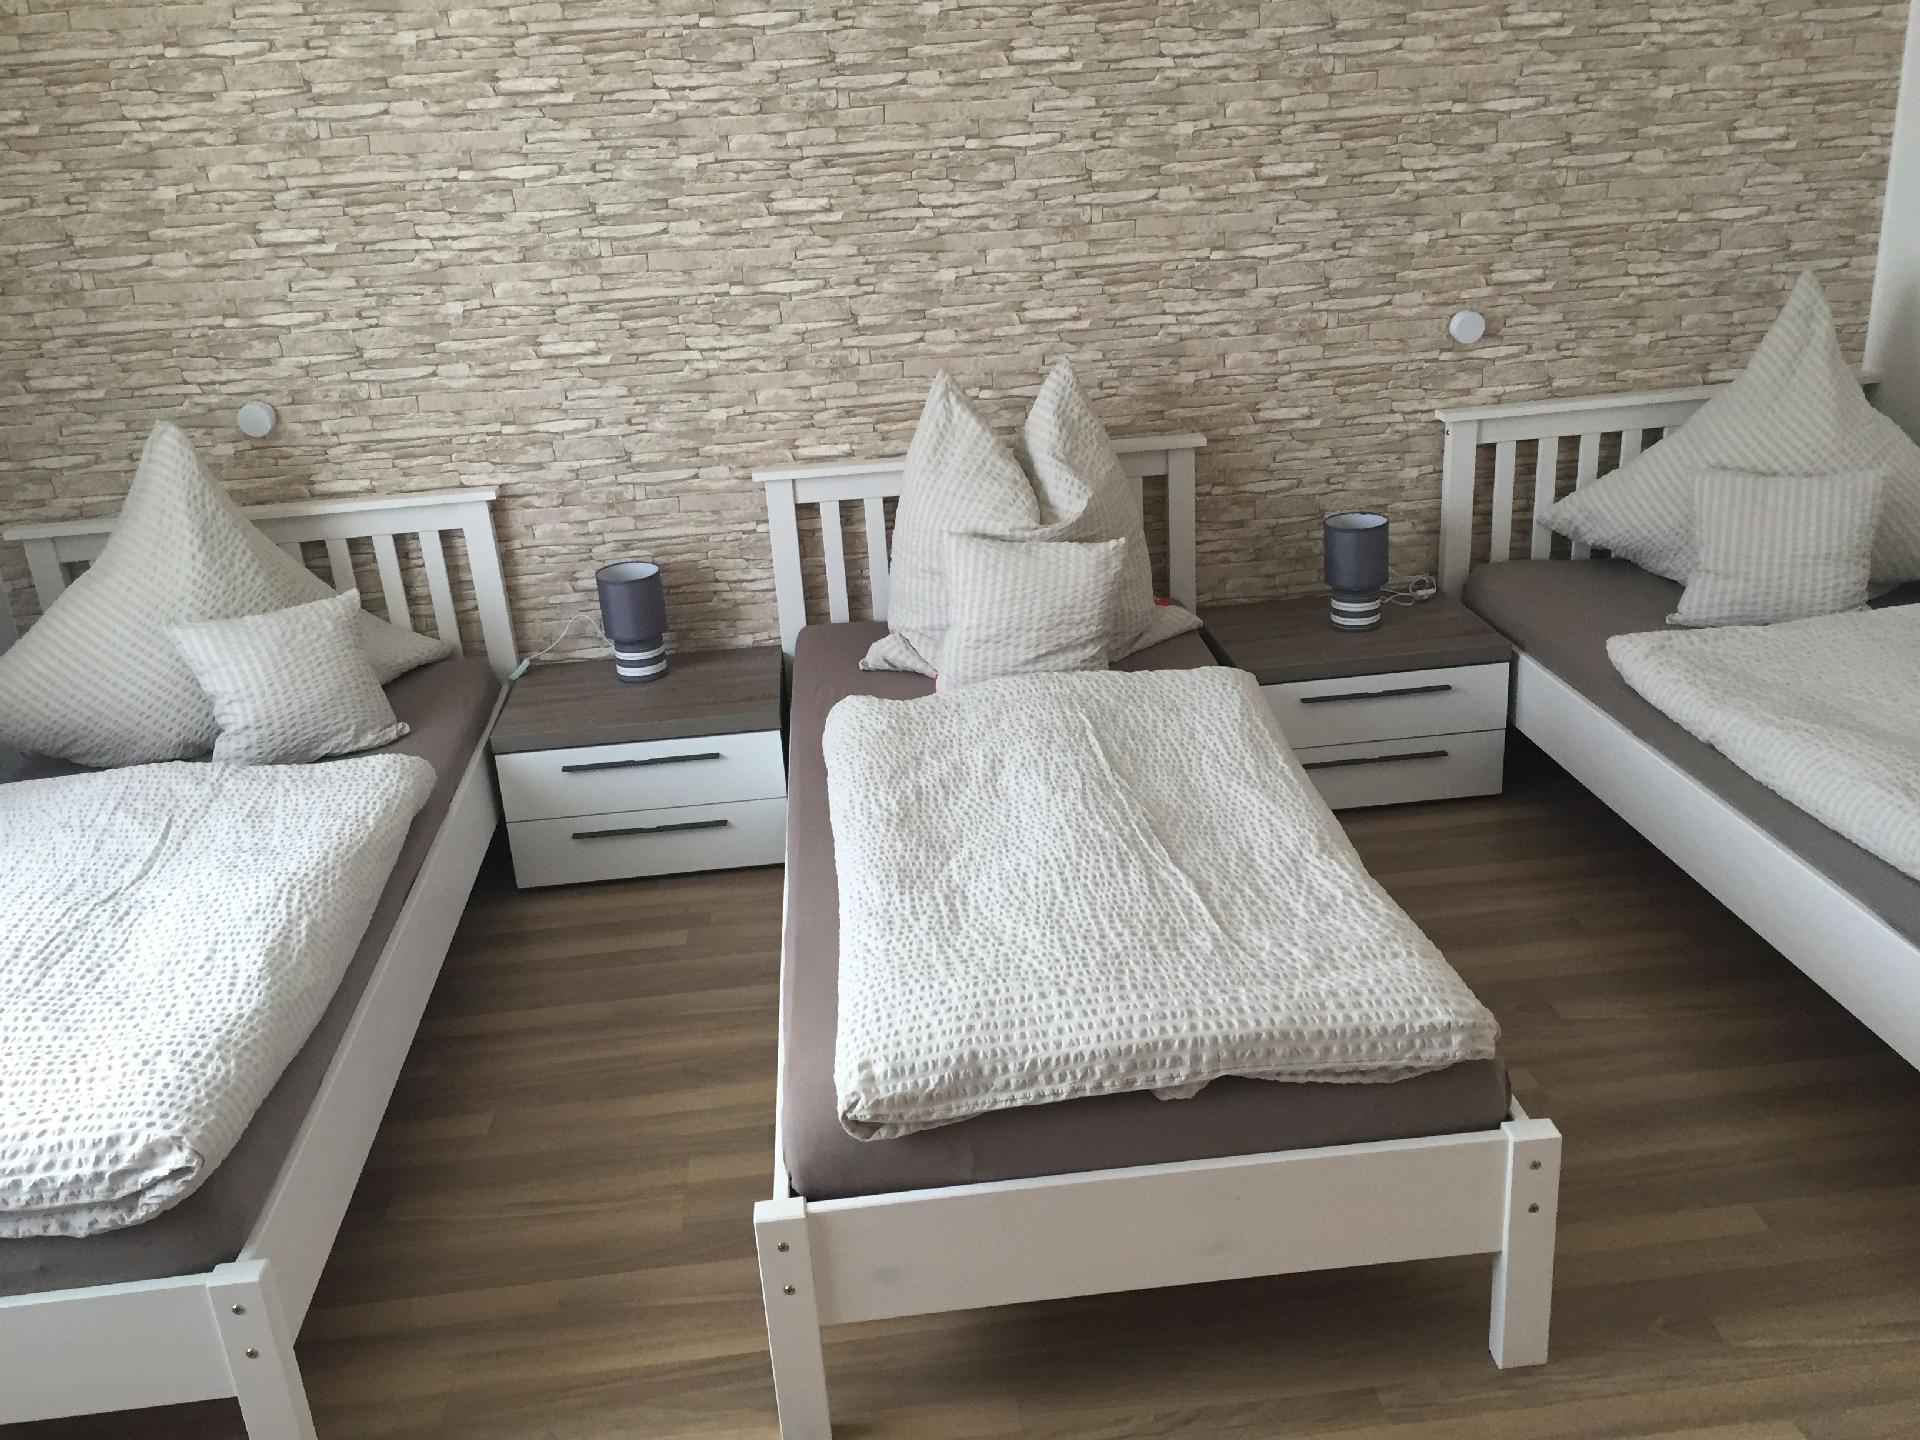 ferienwohnung f r 5 personen in augsburg atraveo objekt nr 1135404. Black Bedroom Furniture Sets. Home Design Ideas